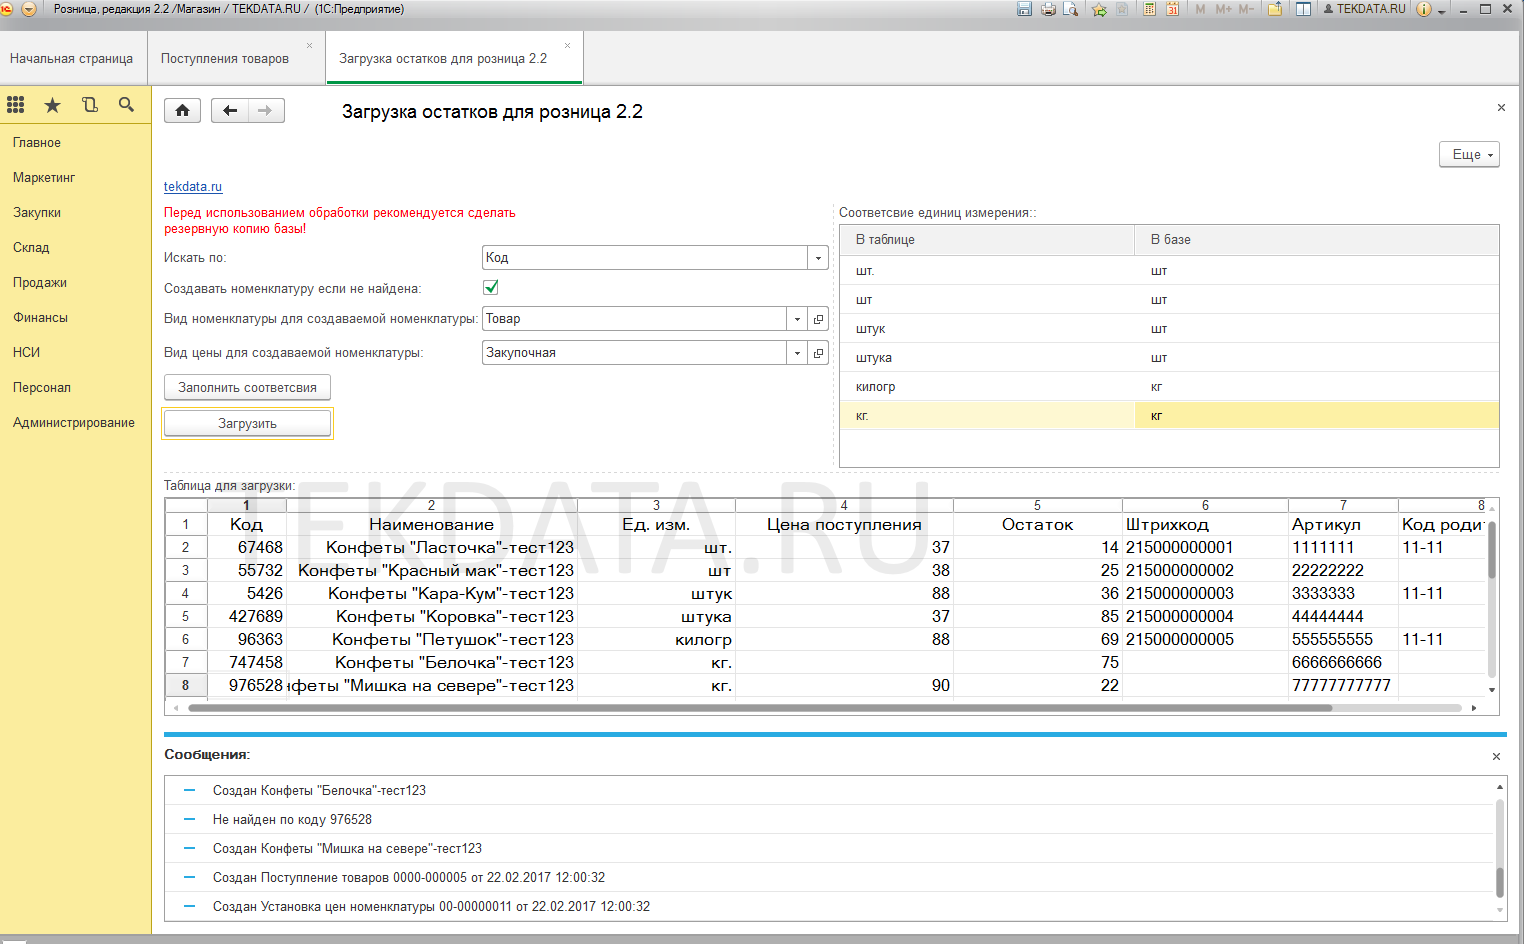 Загрузка номенклатуры, создание поступлений, установка цен  в 1С: Розница 2.2 (Внешняя обработка)